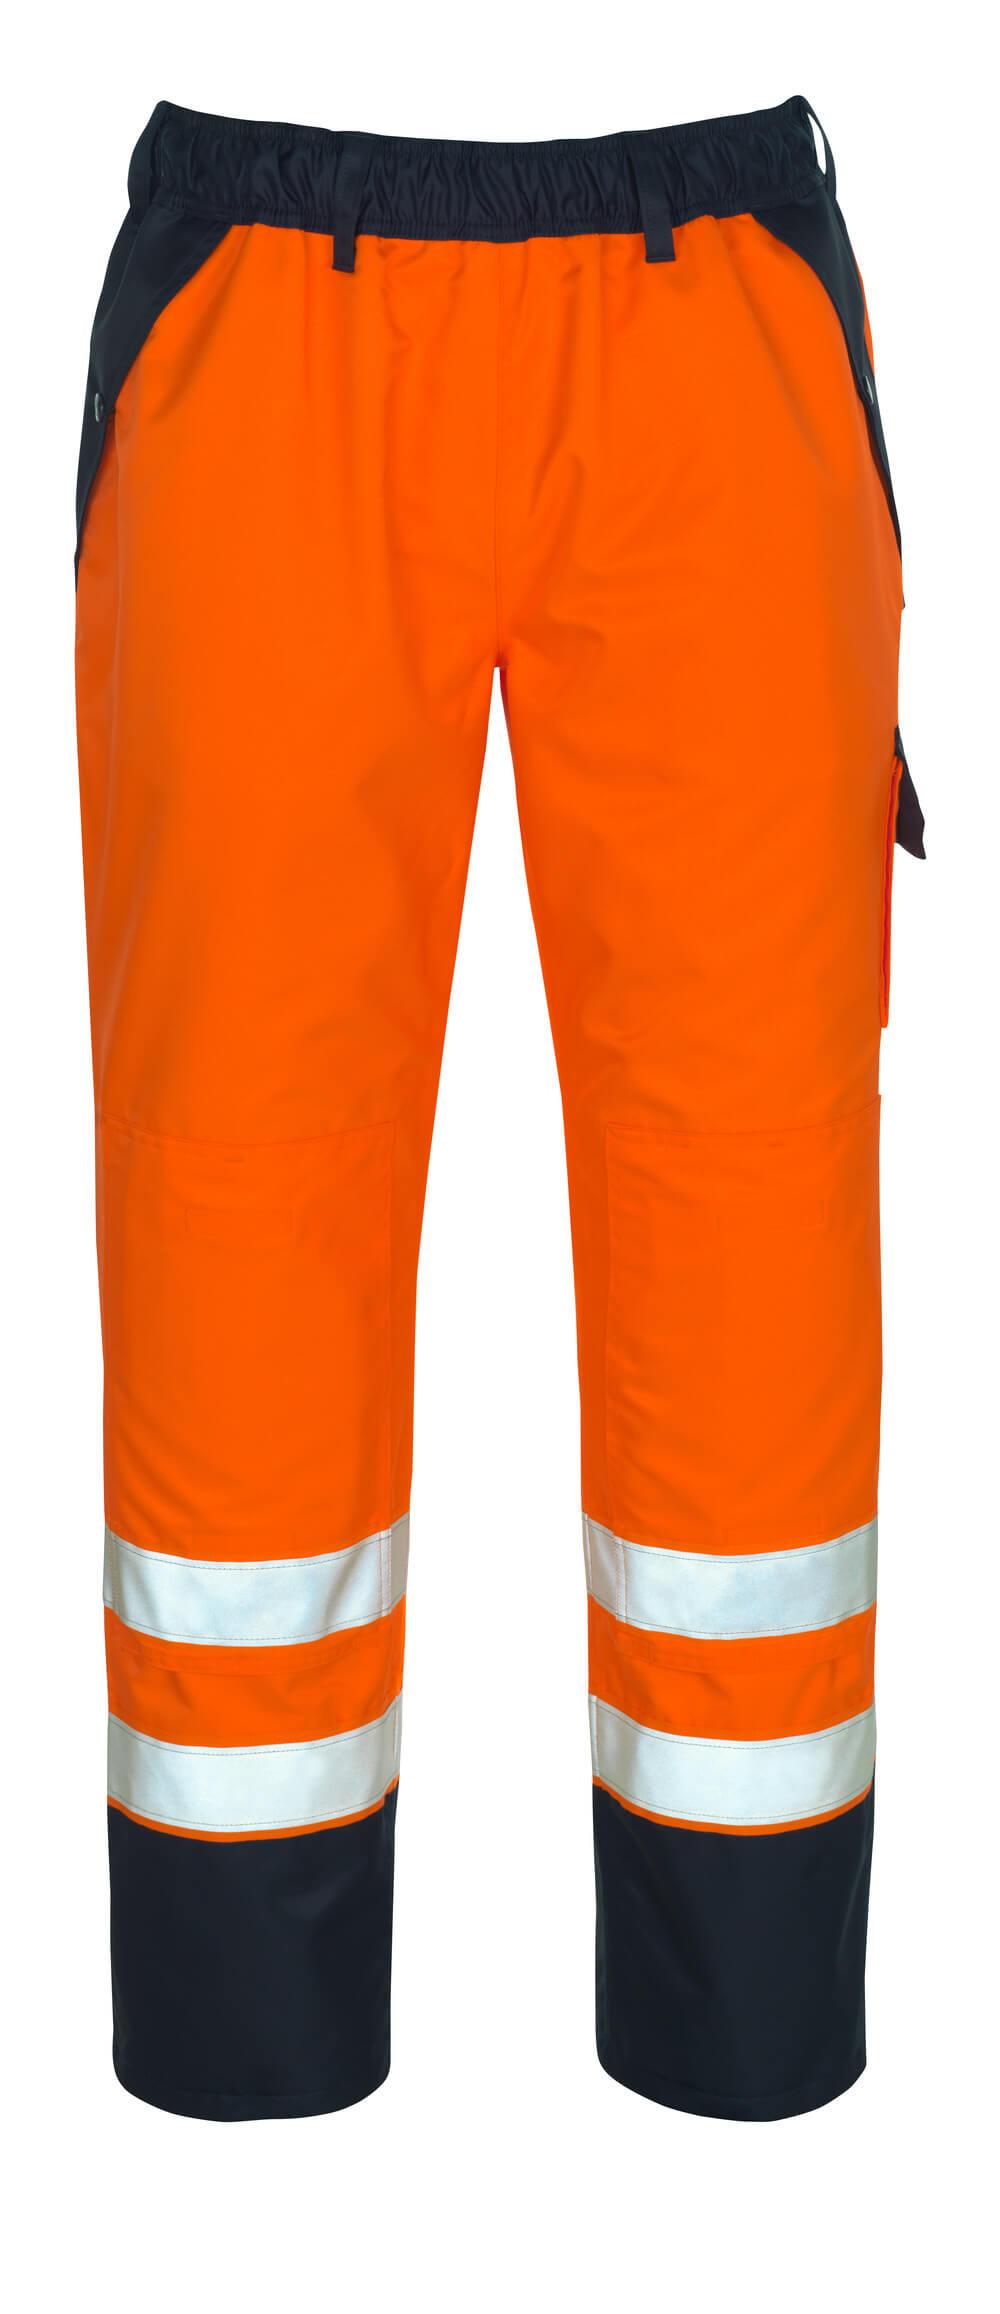 07090-880-141 Päällyshousut - hi-vis oranssi/tummansininen